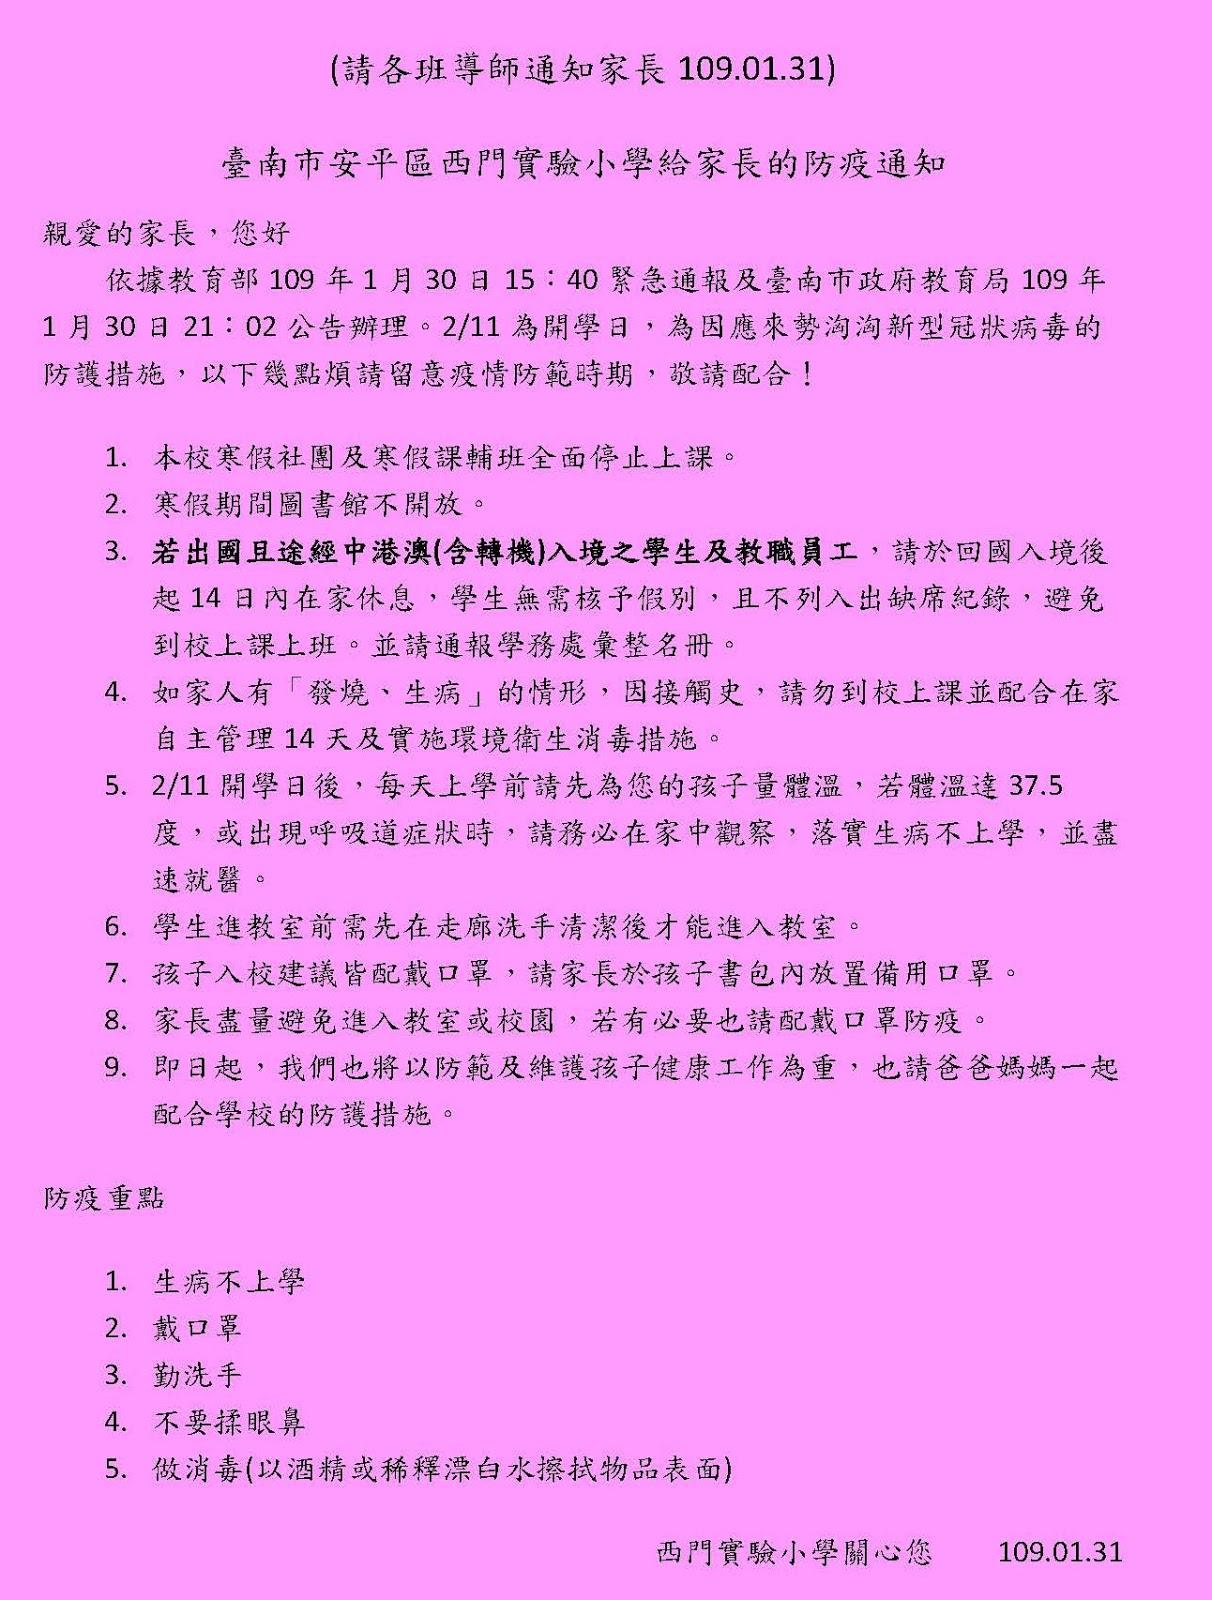 臺南市西門實驗小學全球資訊網: 臺南市安平區西門實小給家長的防疫通知109.01.31